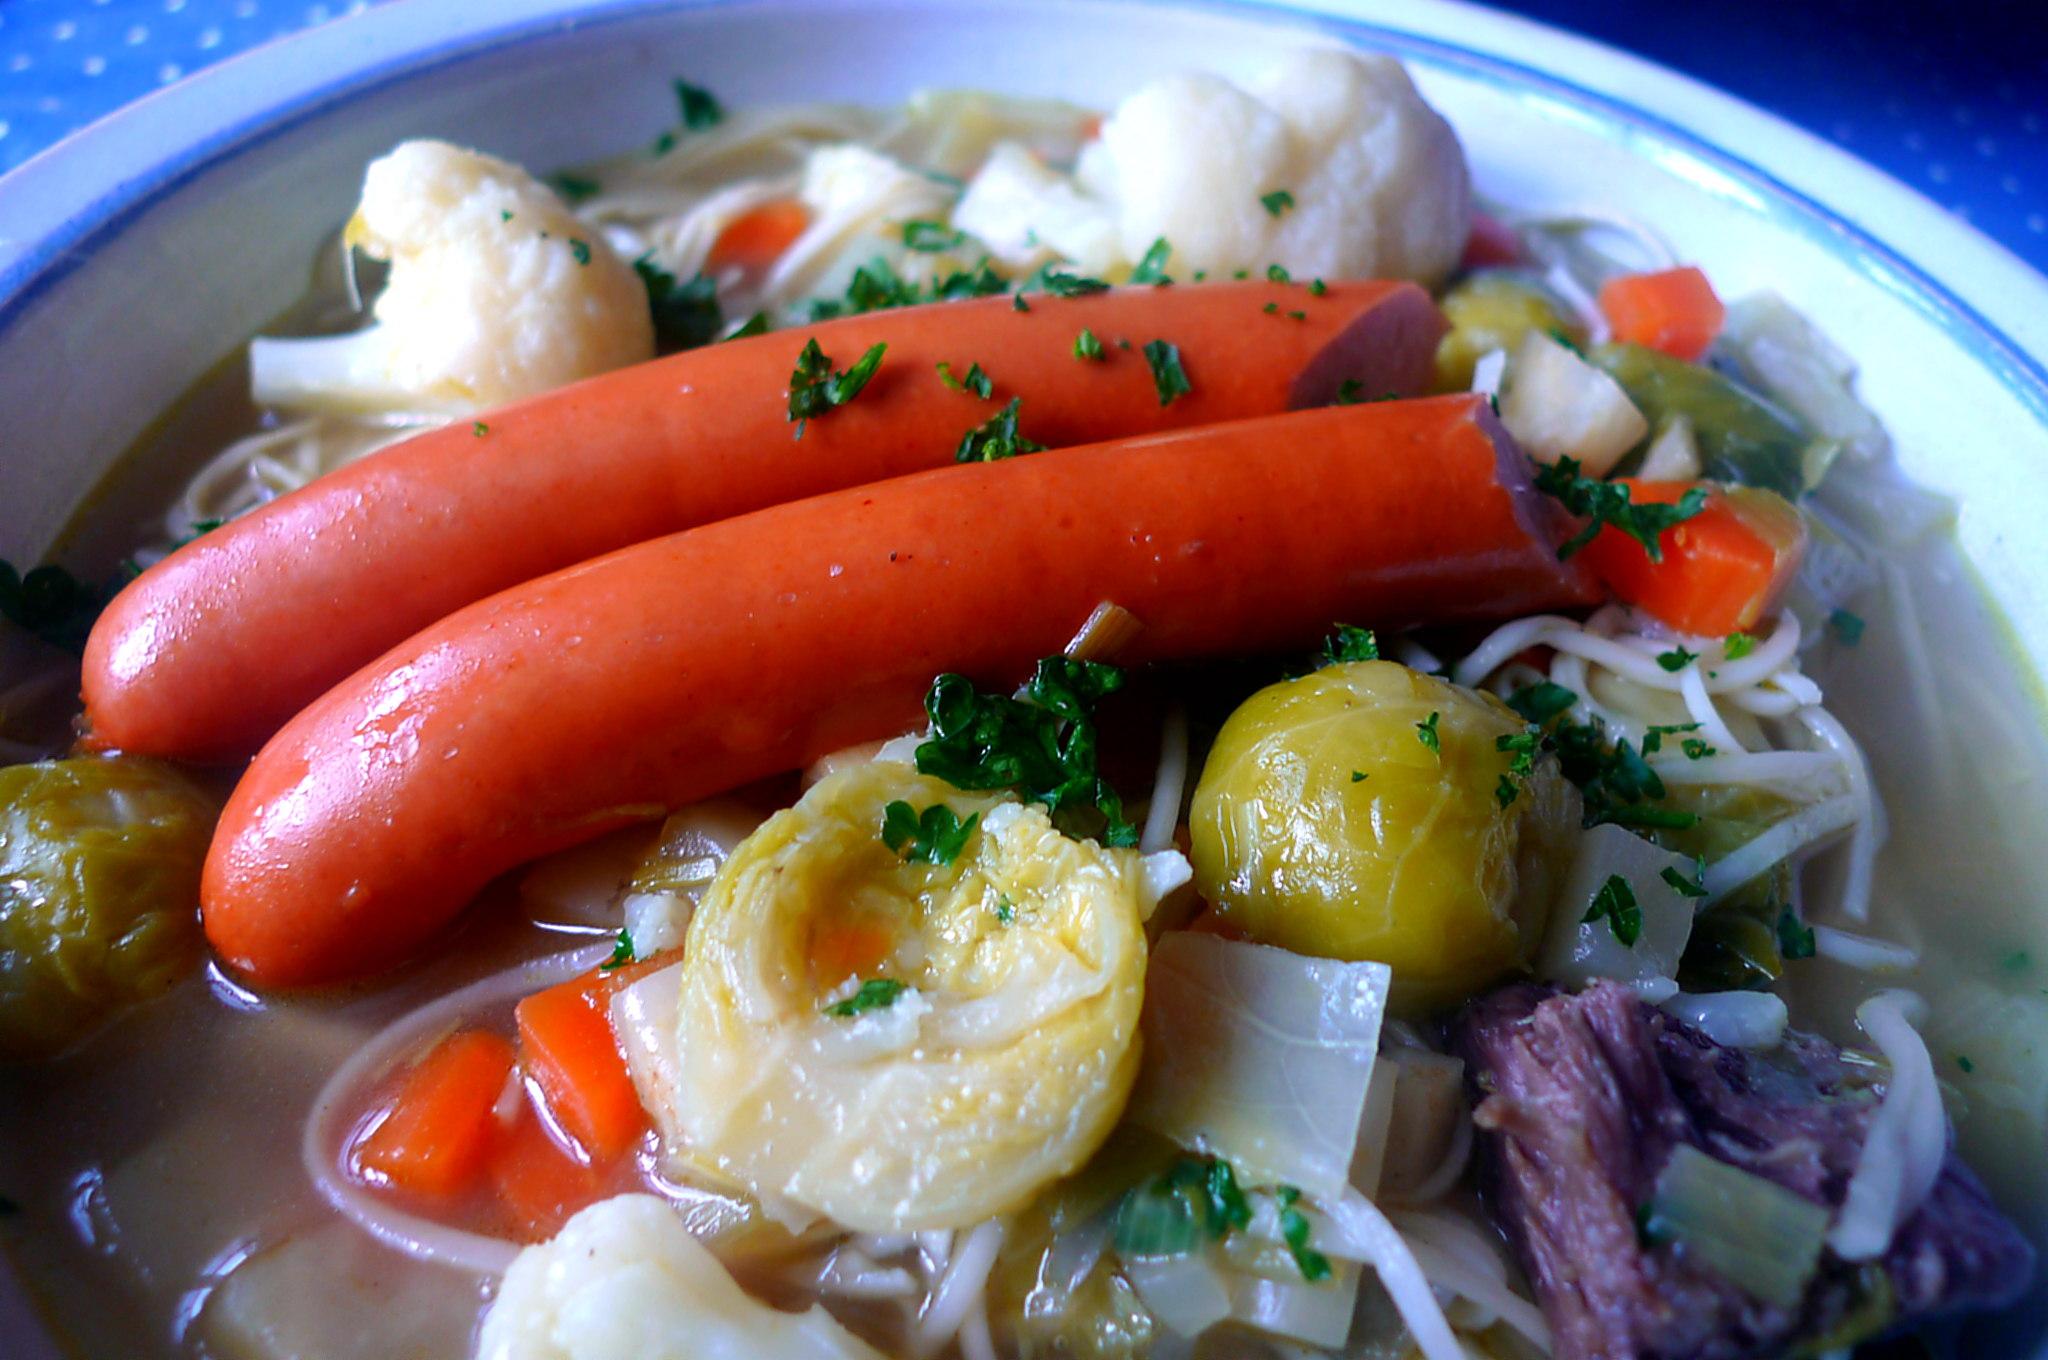 gemusesuppe-mit-nudeln-und-wiener-19